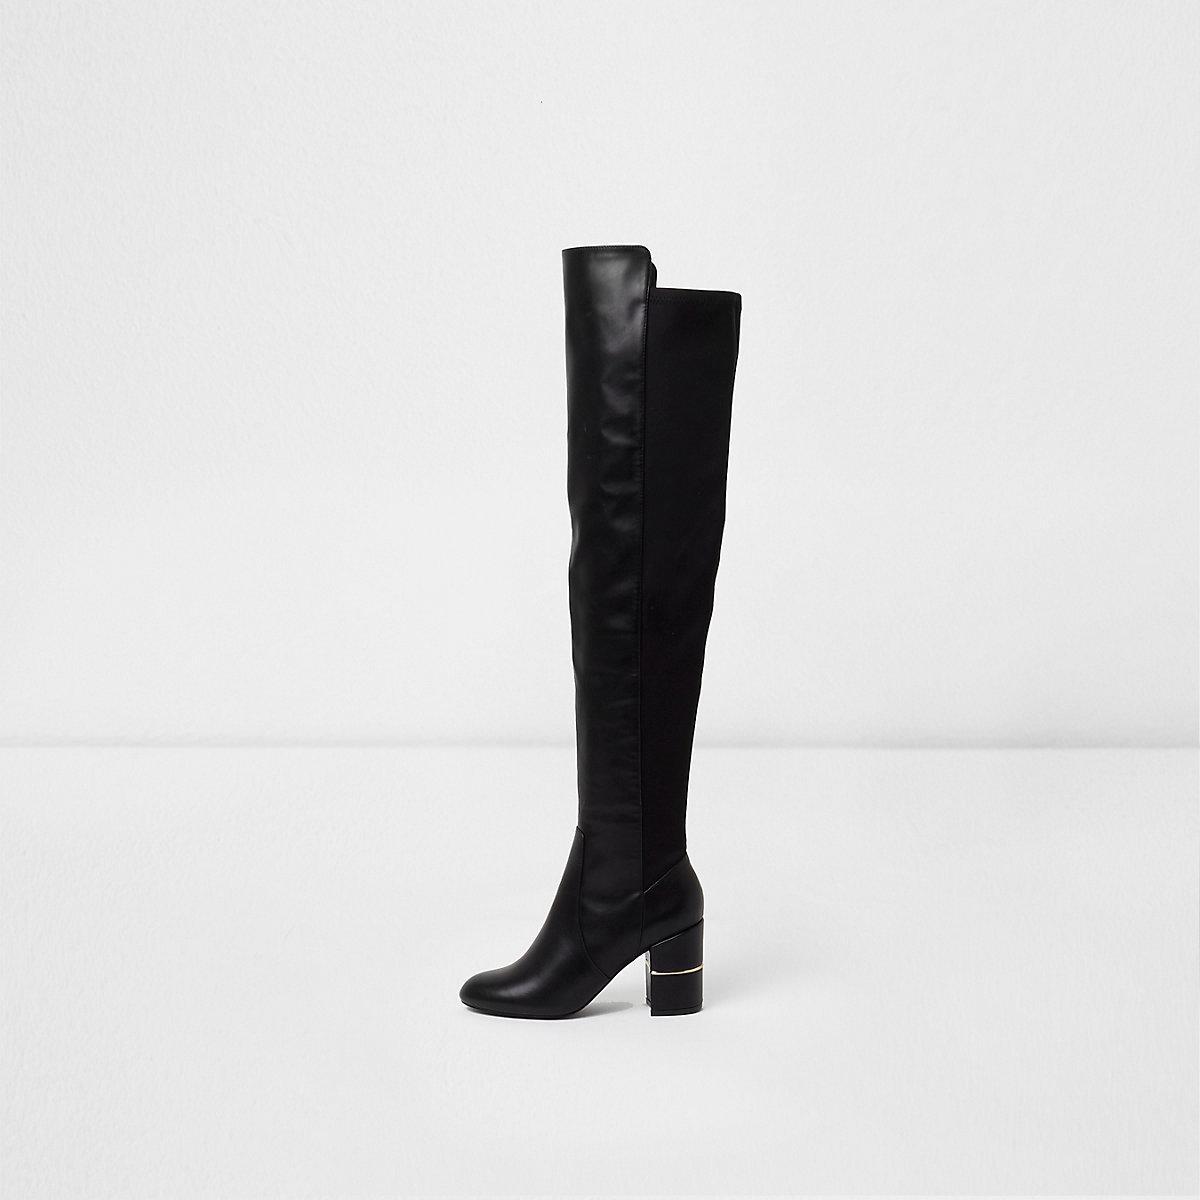 Zwarte over-de-knie-laarzen met blokhak